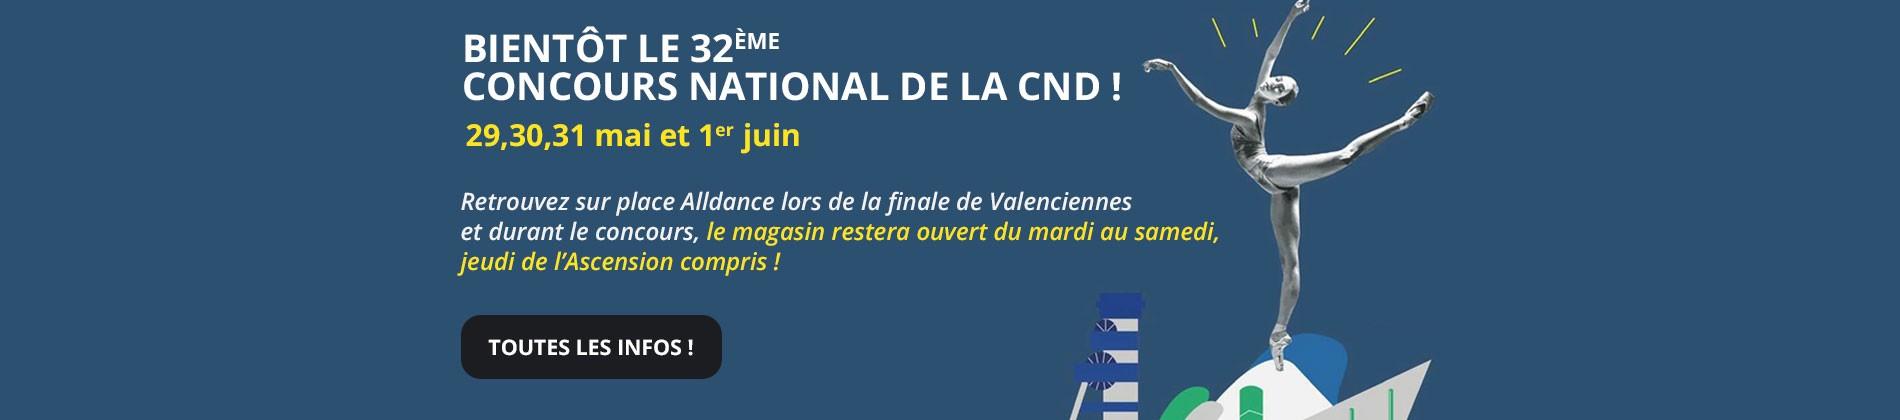 32ème concours National de la CND